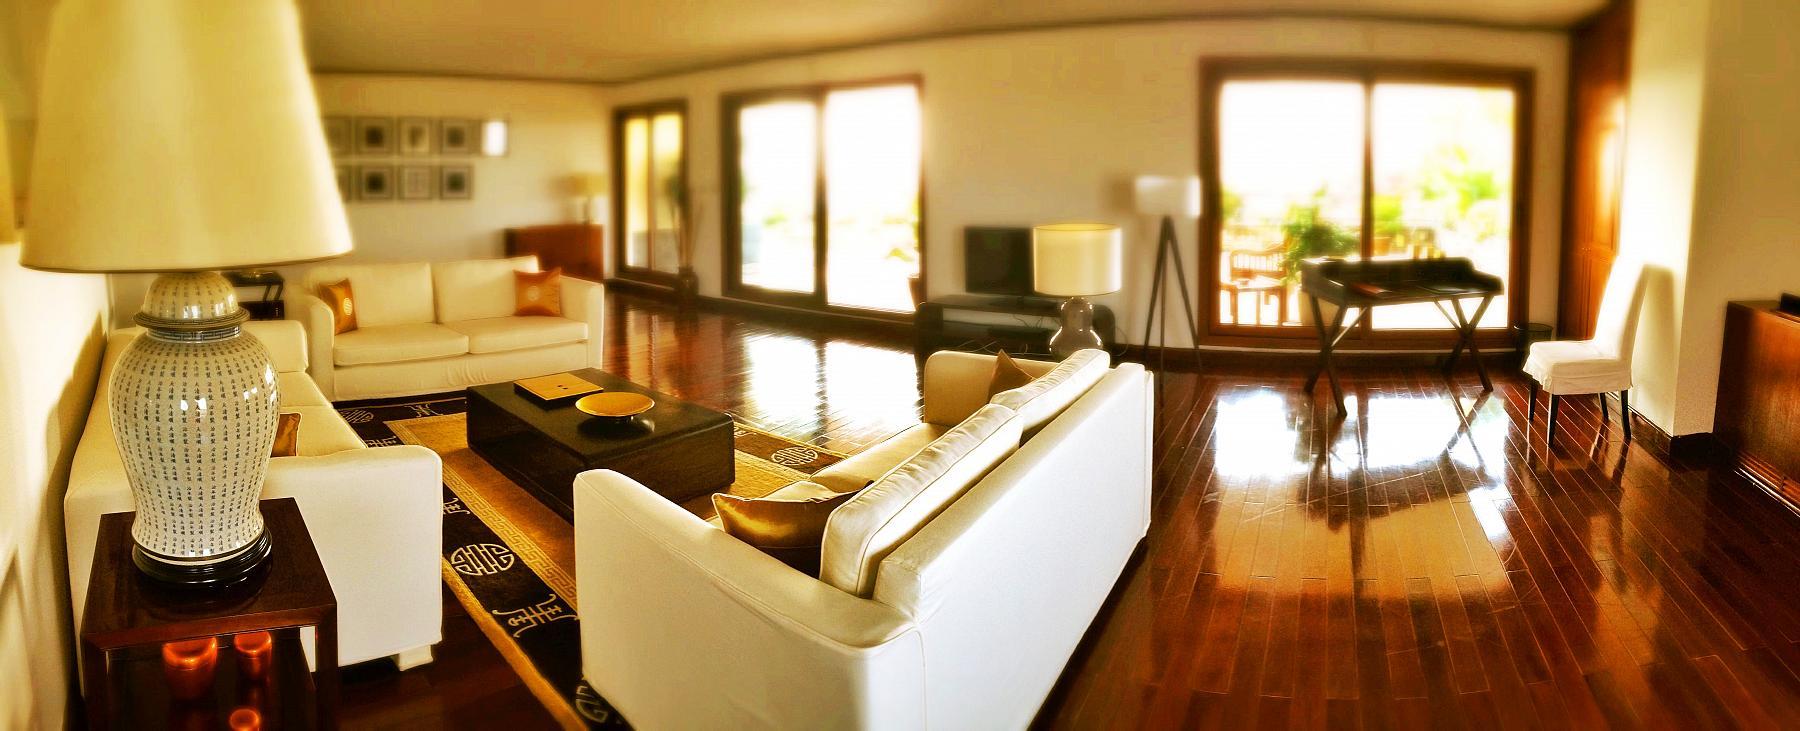 3 bedrooms Suite